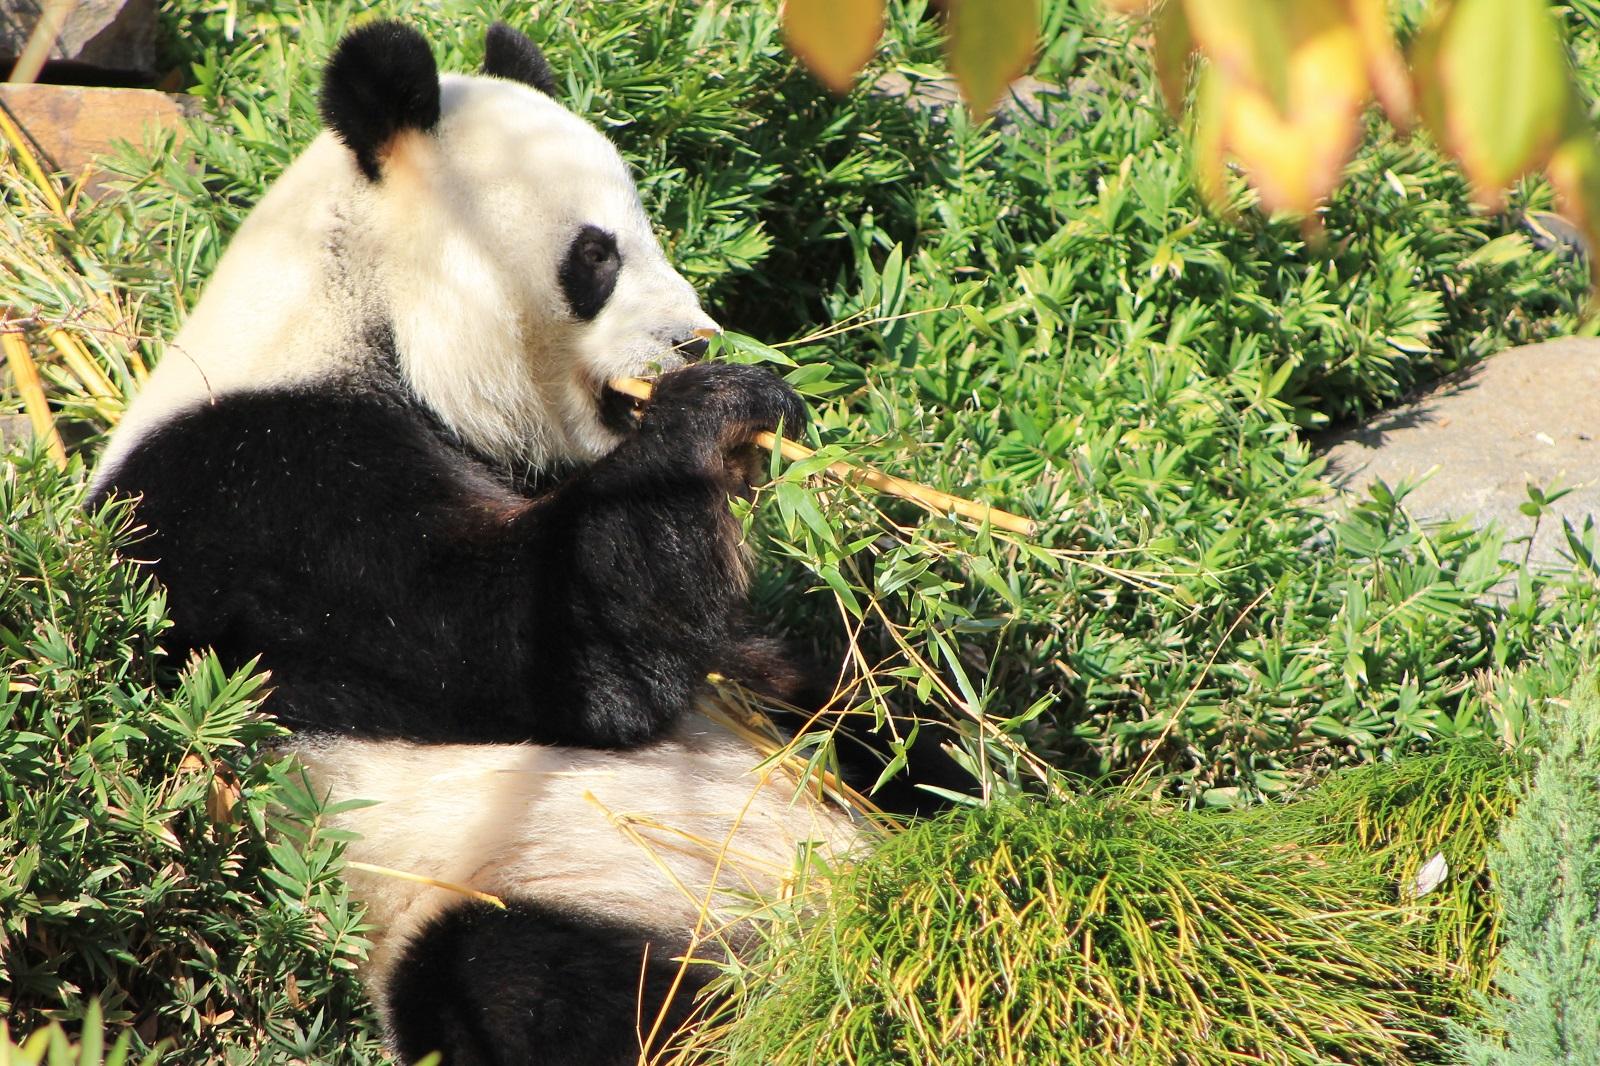 Por qué los osos panda son de color blanco y negro?